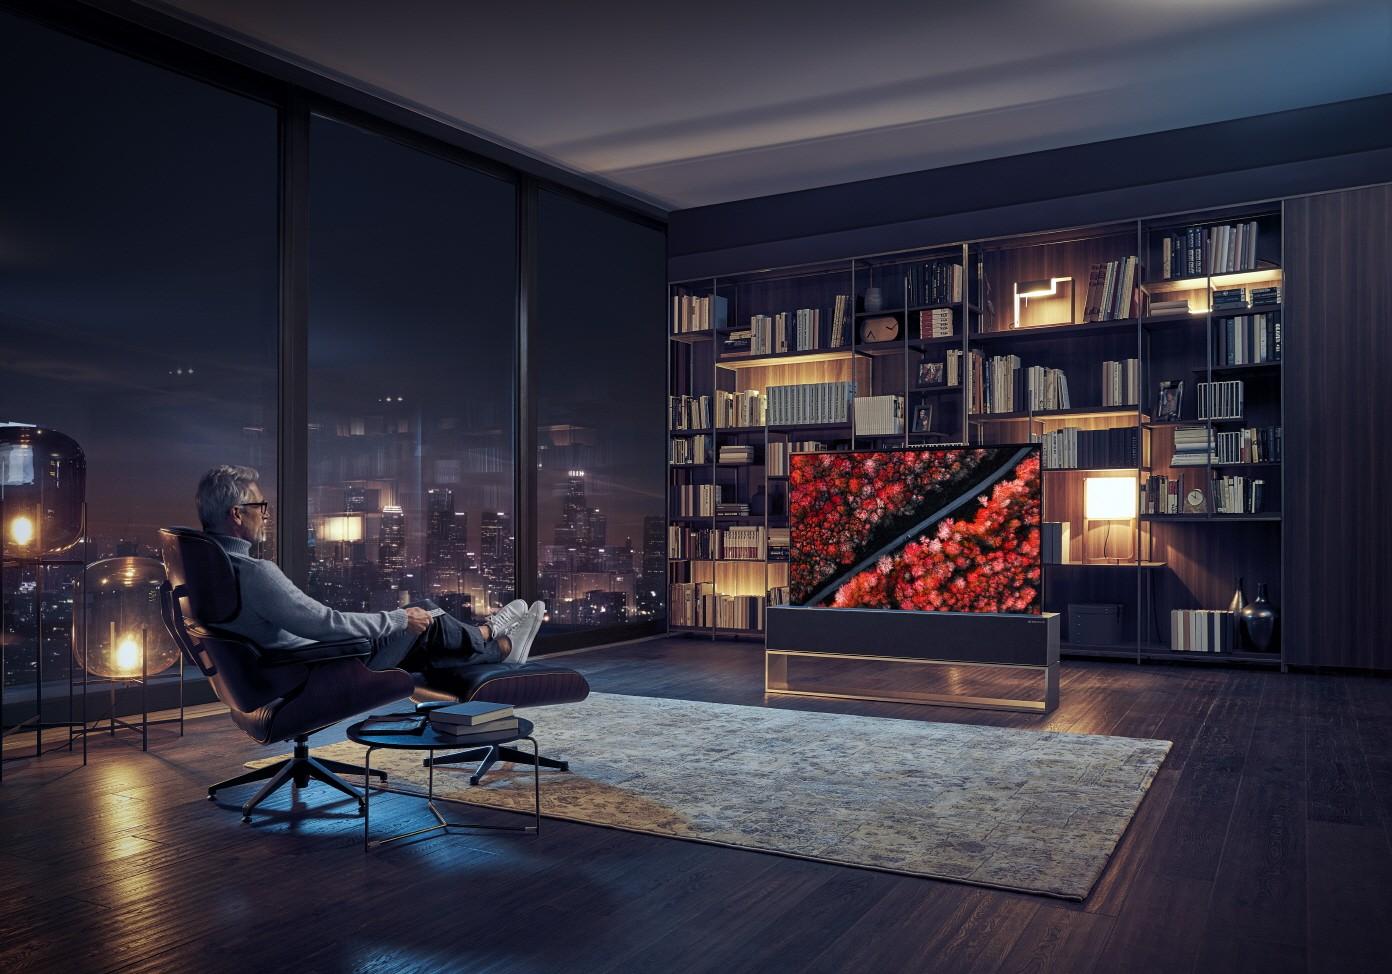 LG OLED TV R, un televizor care se rulează ca un ziar, prezentat la CES 2019